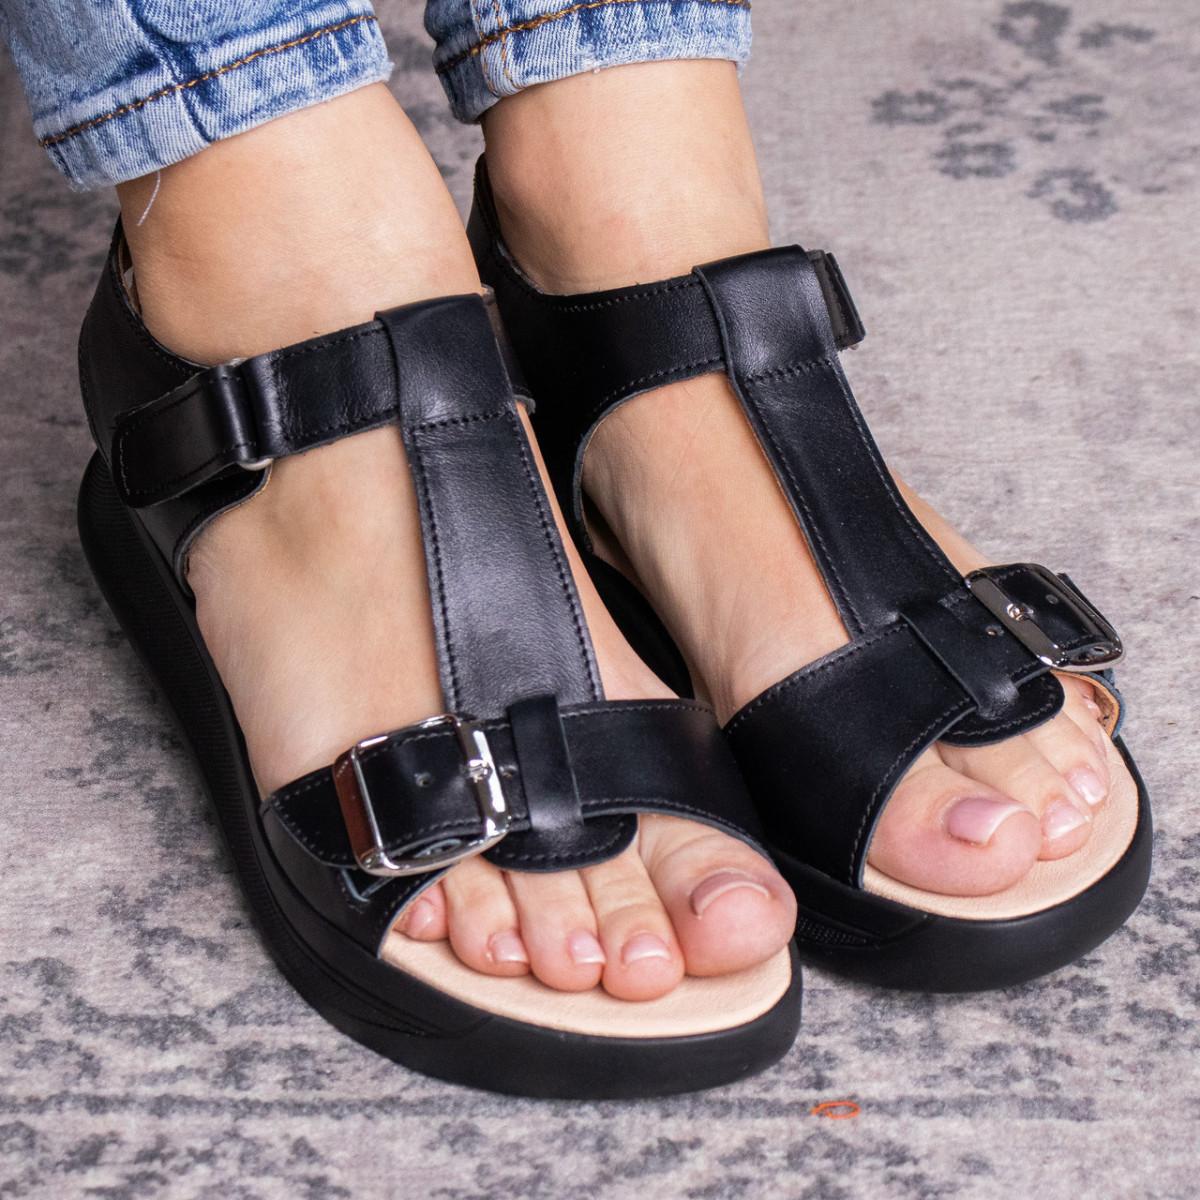 Жіночі сандалі Fashion Bruno 3027 36 розмір, 23,5 см Чорний